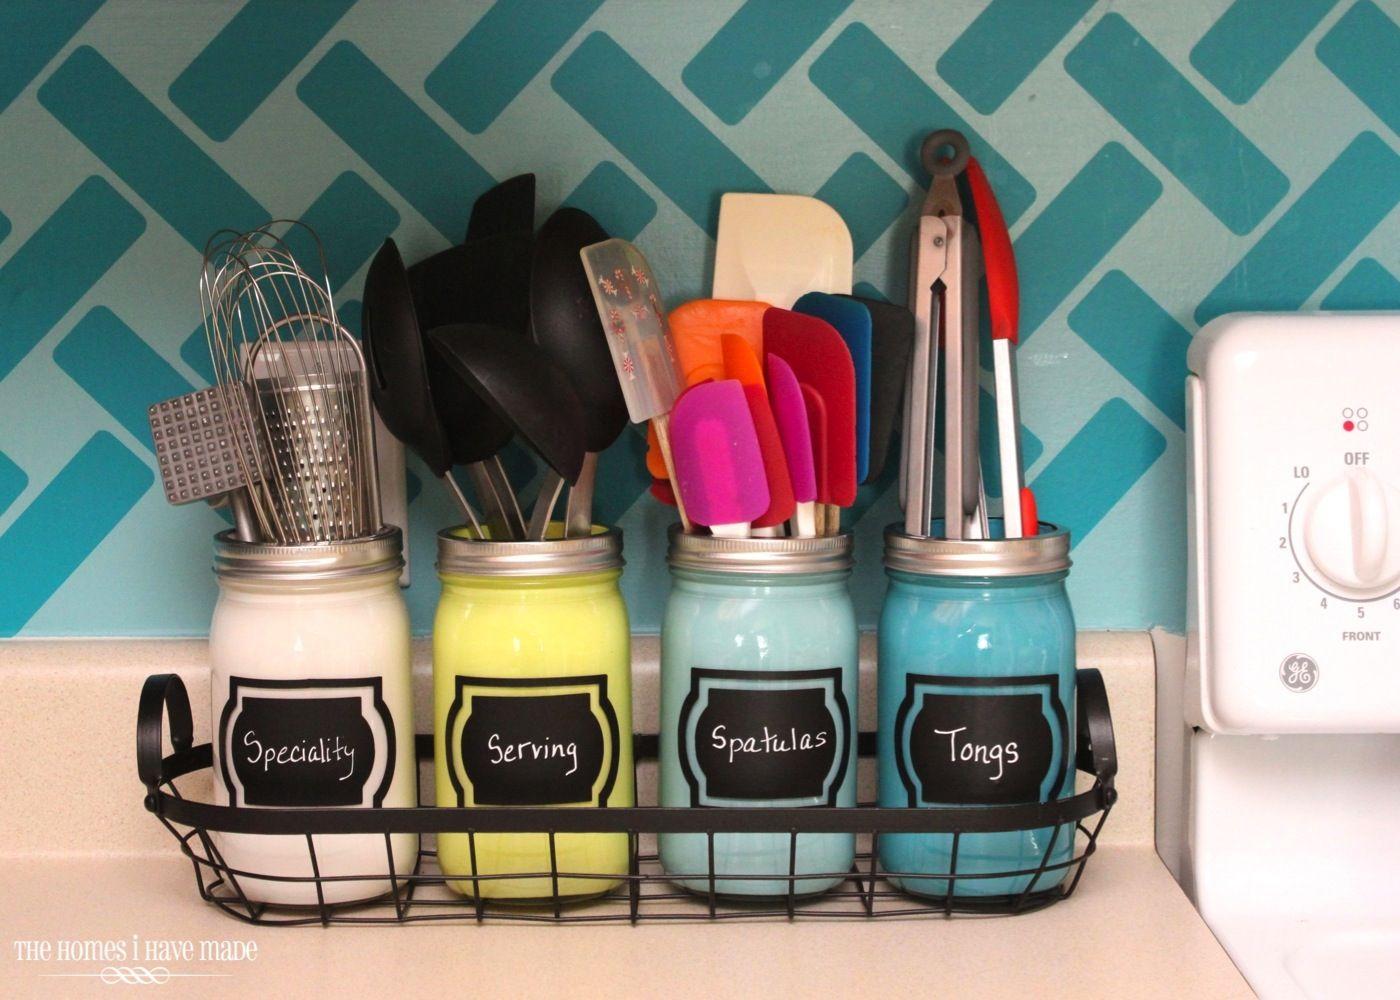 33 best kitchen organization ideas - how to organize your kitchen